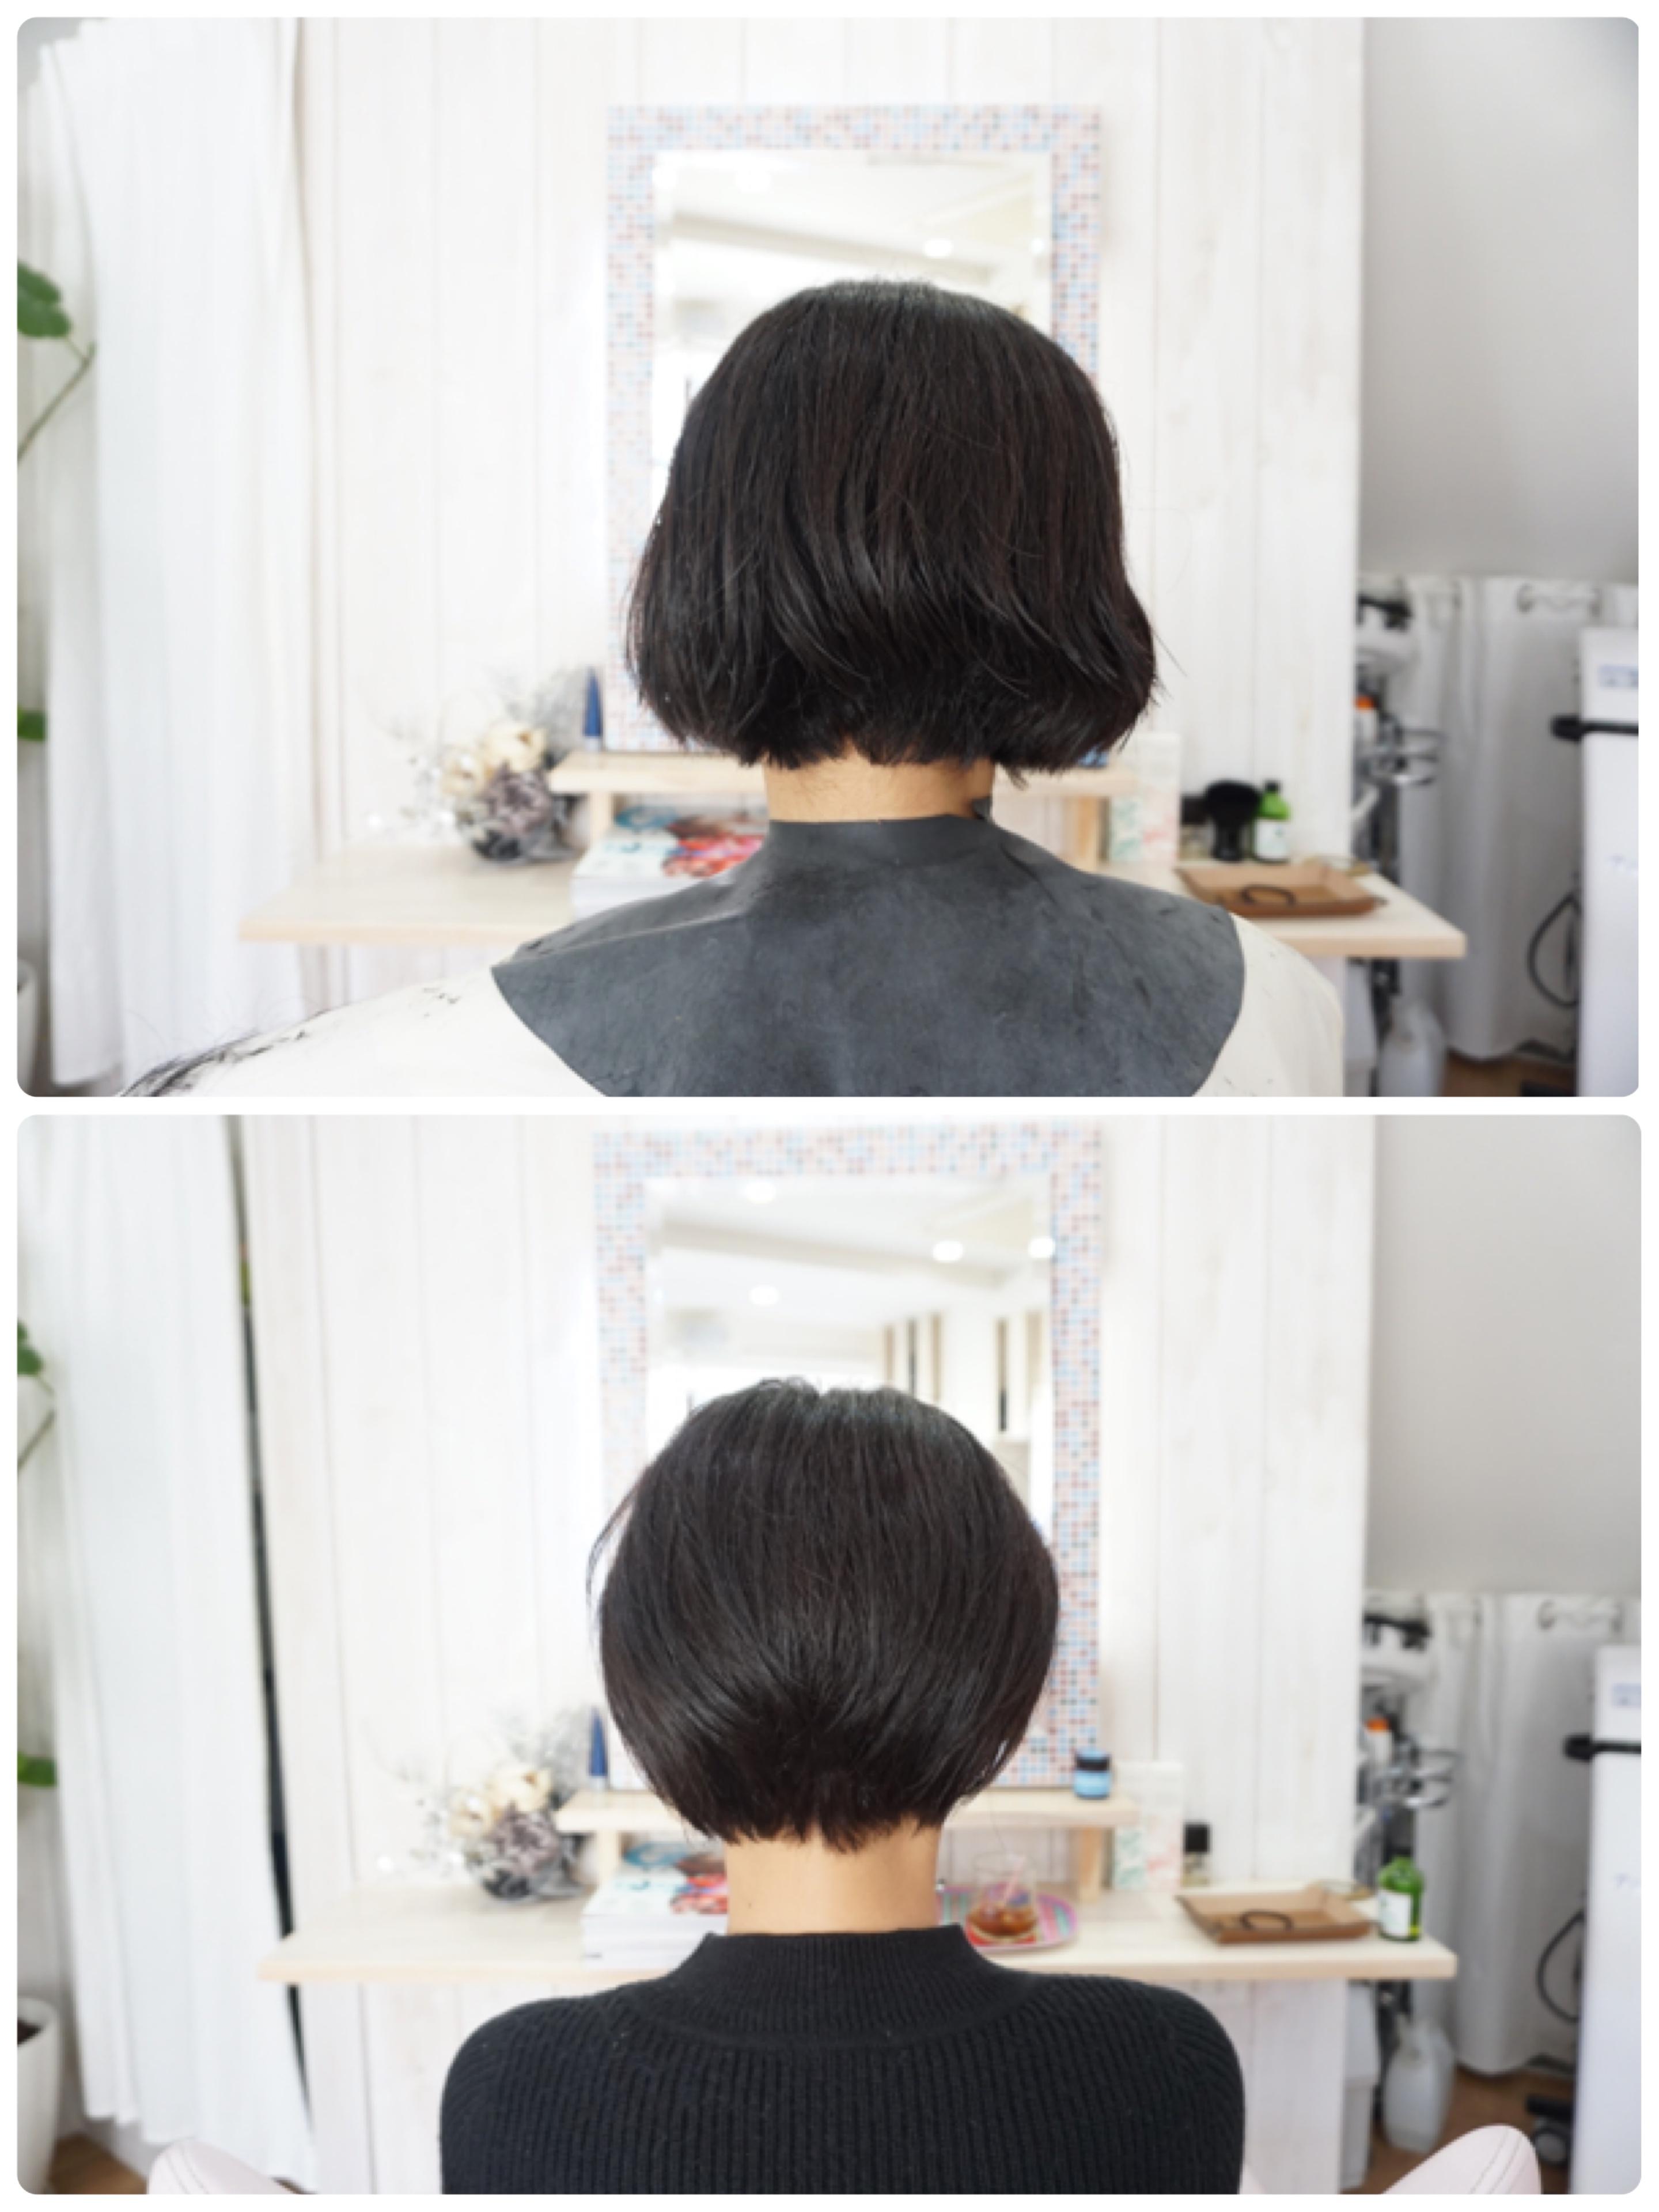 ベースカット終了時の女性とくせ毛カット終了後の女性の比較